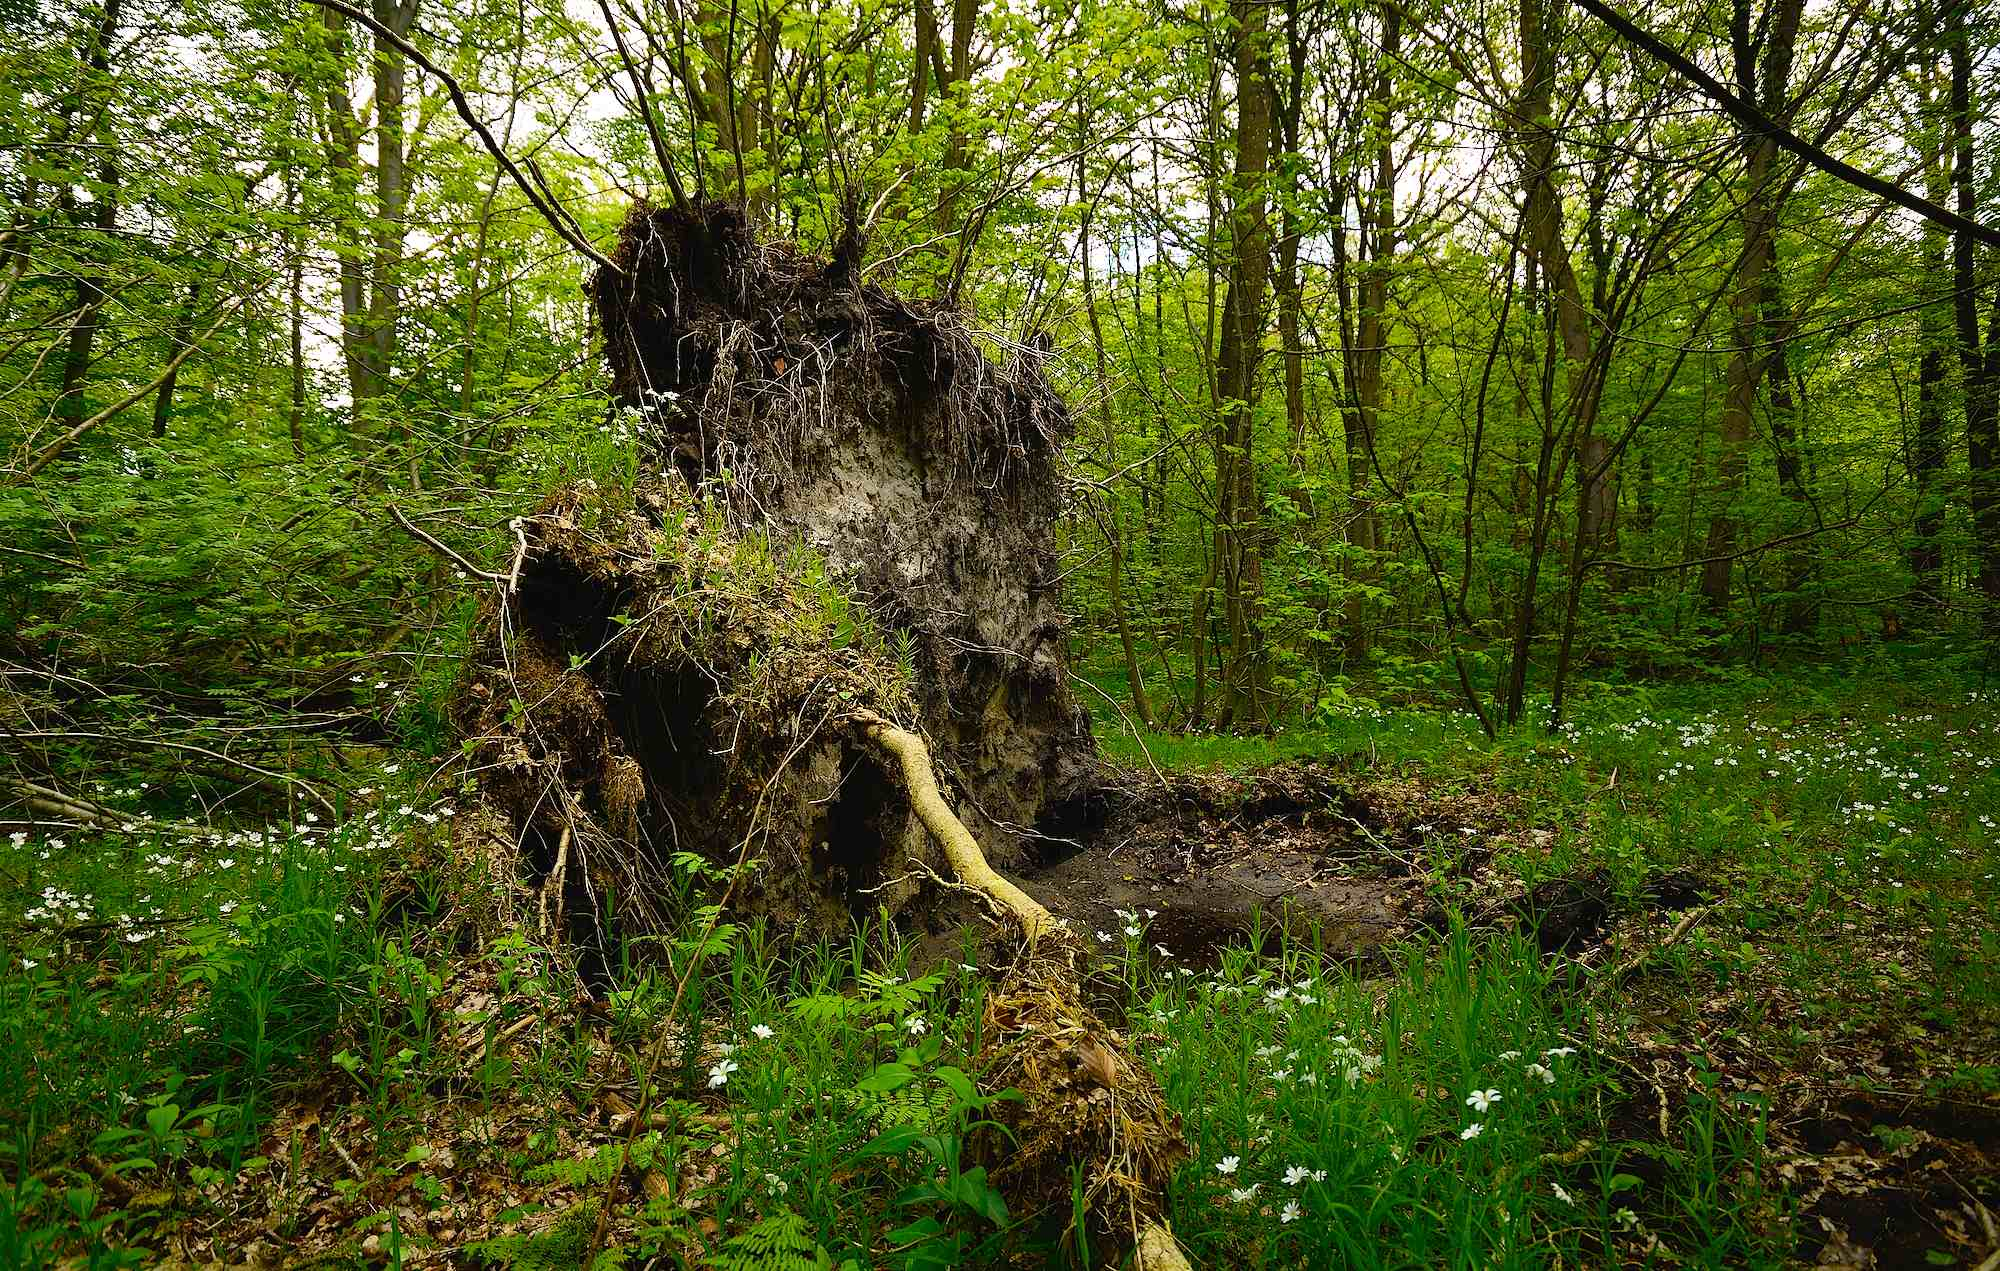 Væltede stammer med store rodkager får lov at blive liggende, hvor de falder. Draved Skov, maj (foto © Rune Engelbreth Larsen)